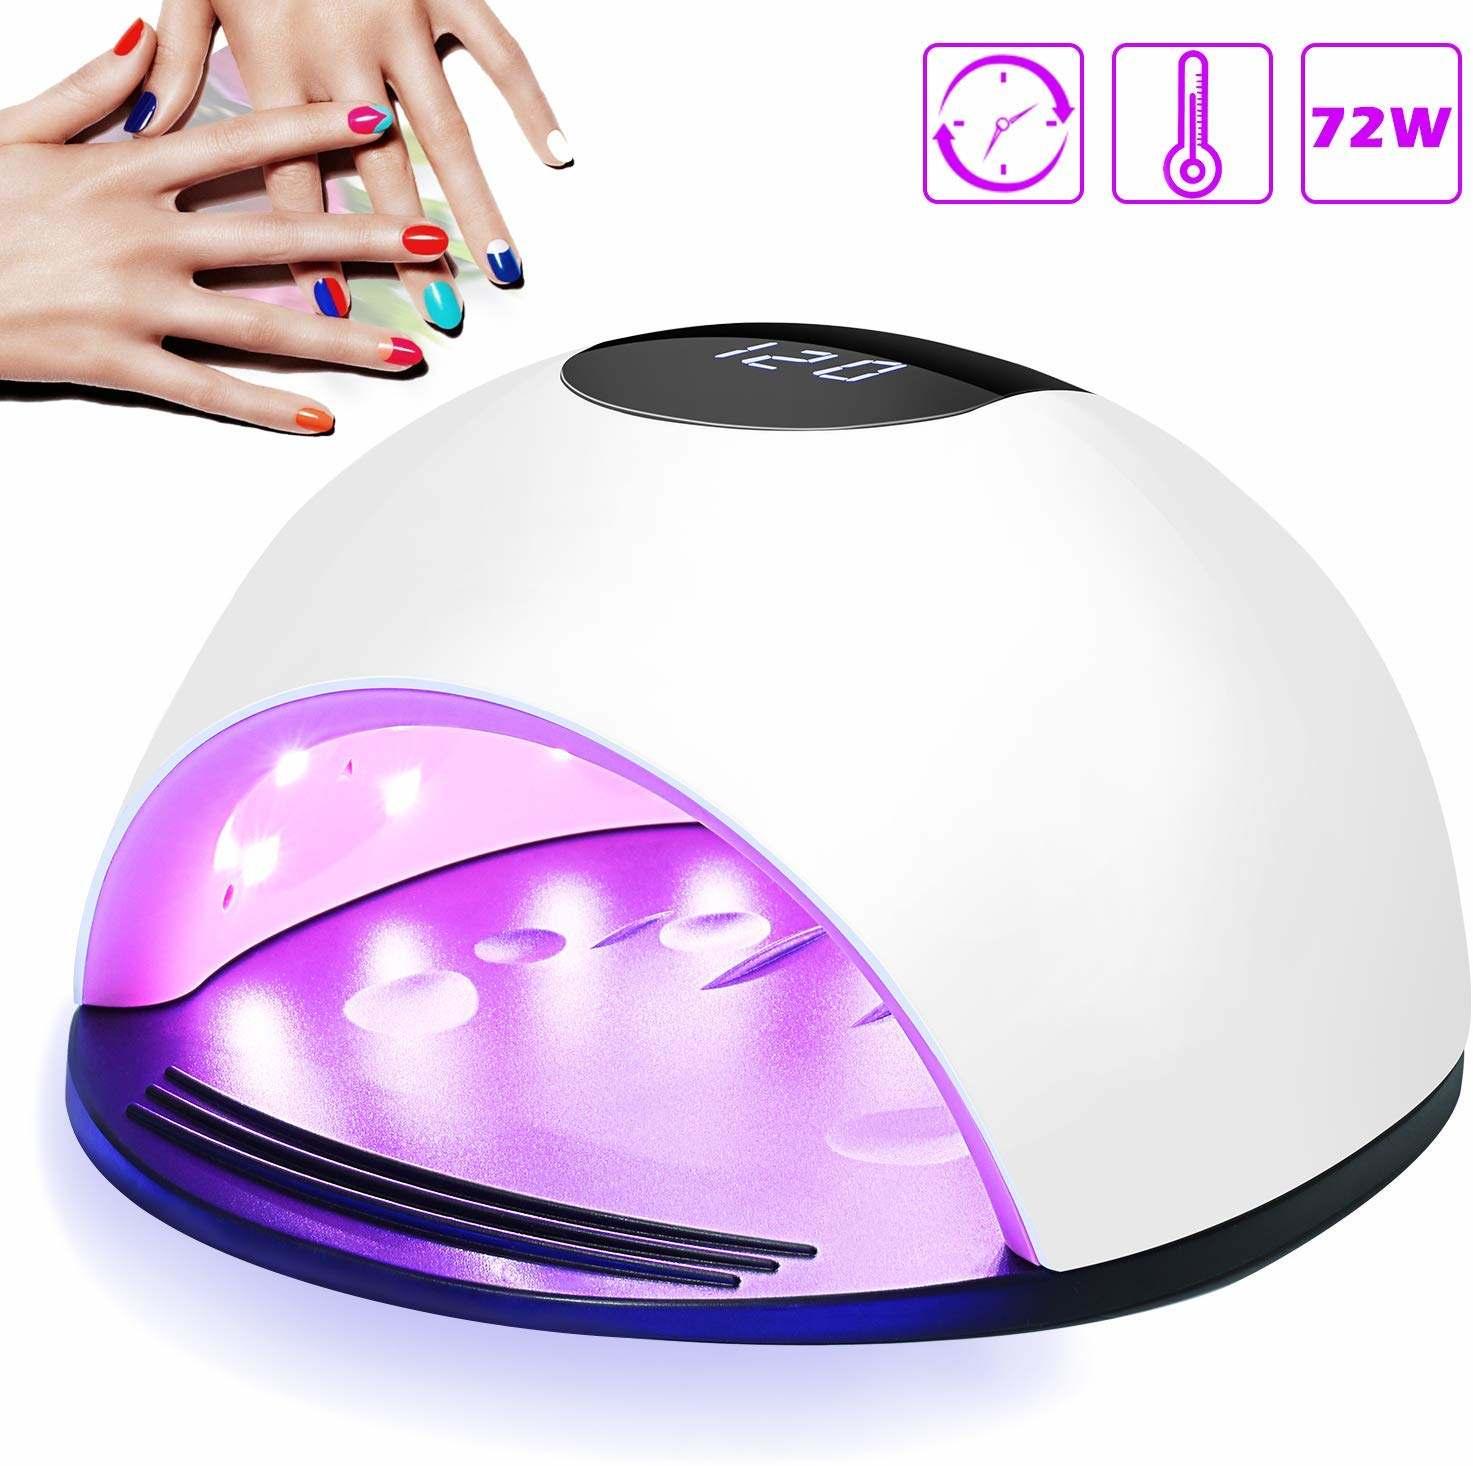 Lámpara LED UV Uñas, Nivlan 72W